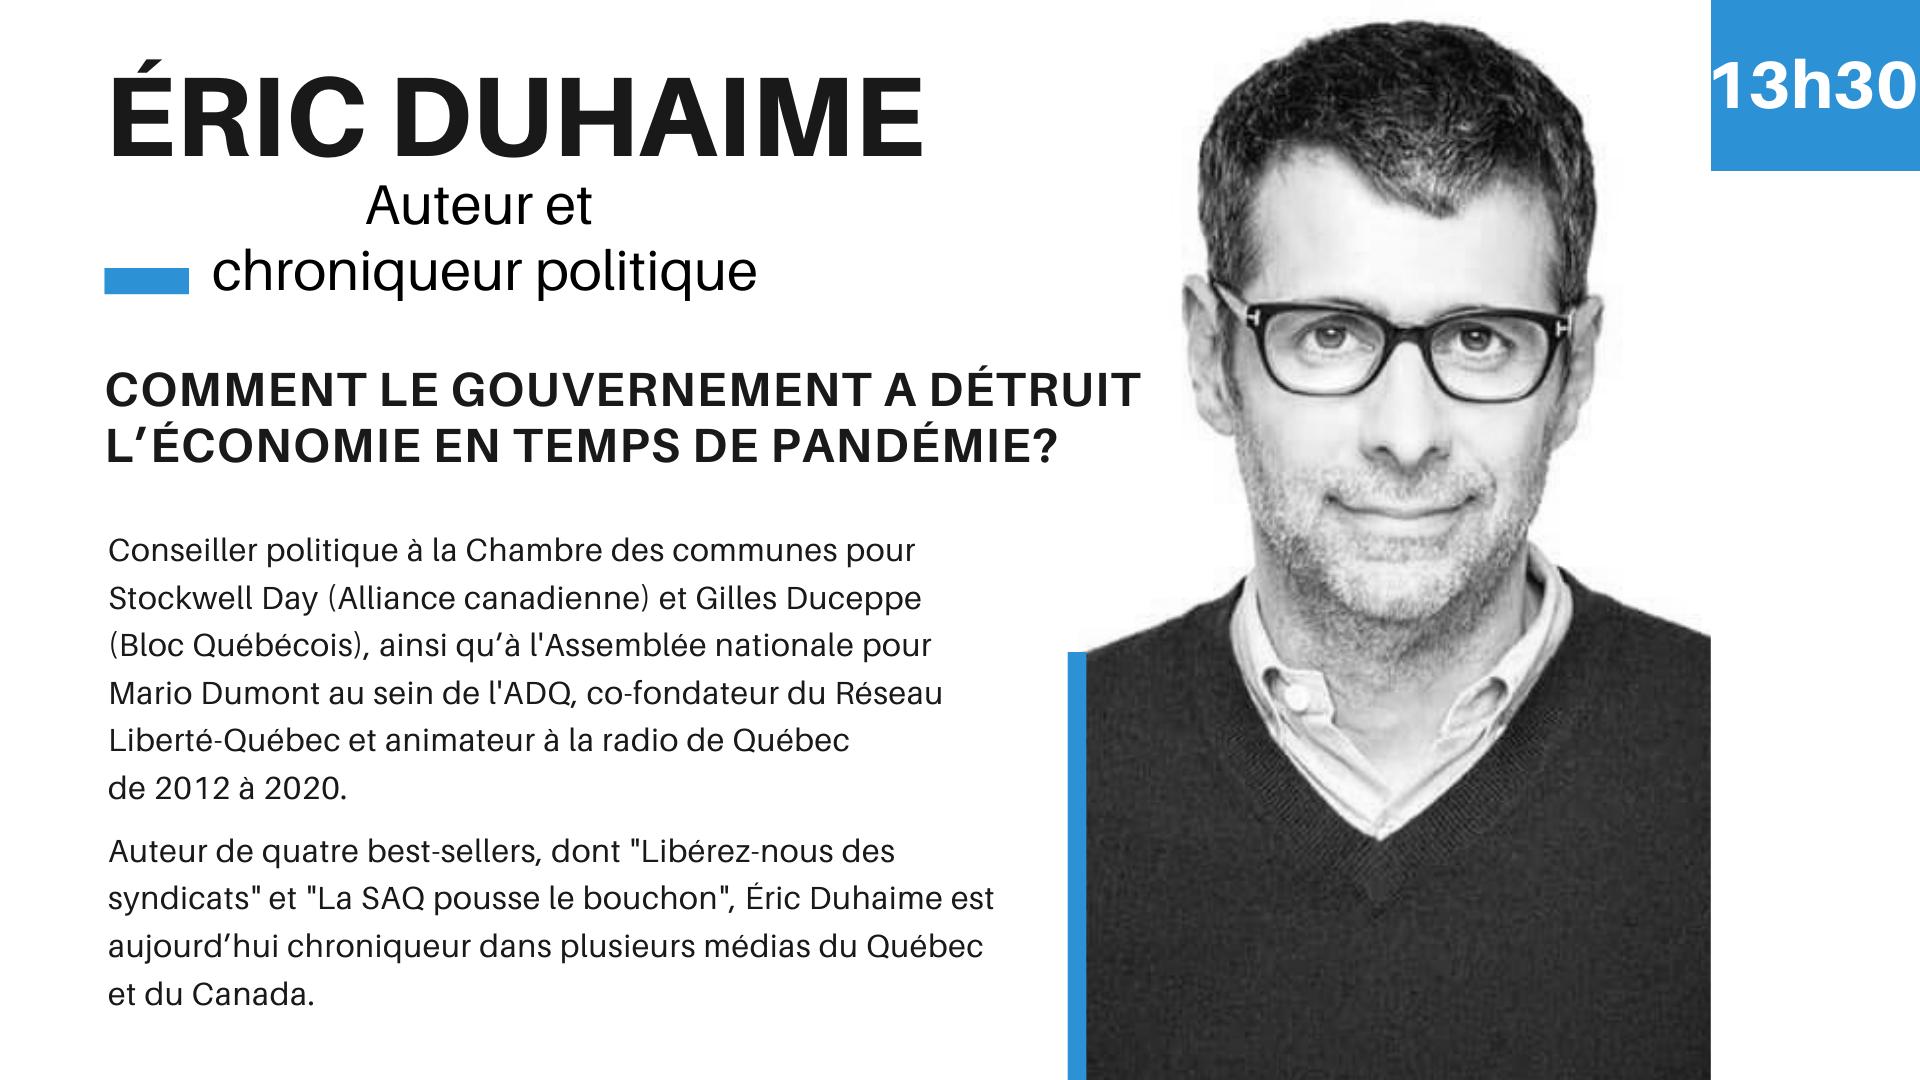 CG2020 Conférencier Éric Duhaime